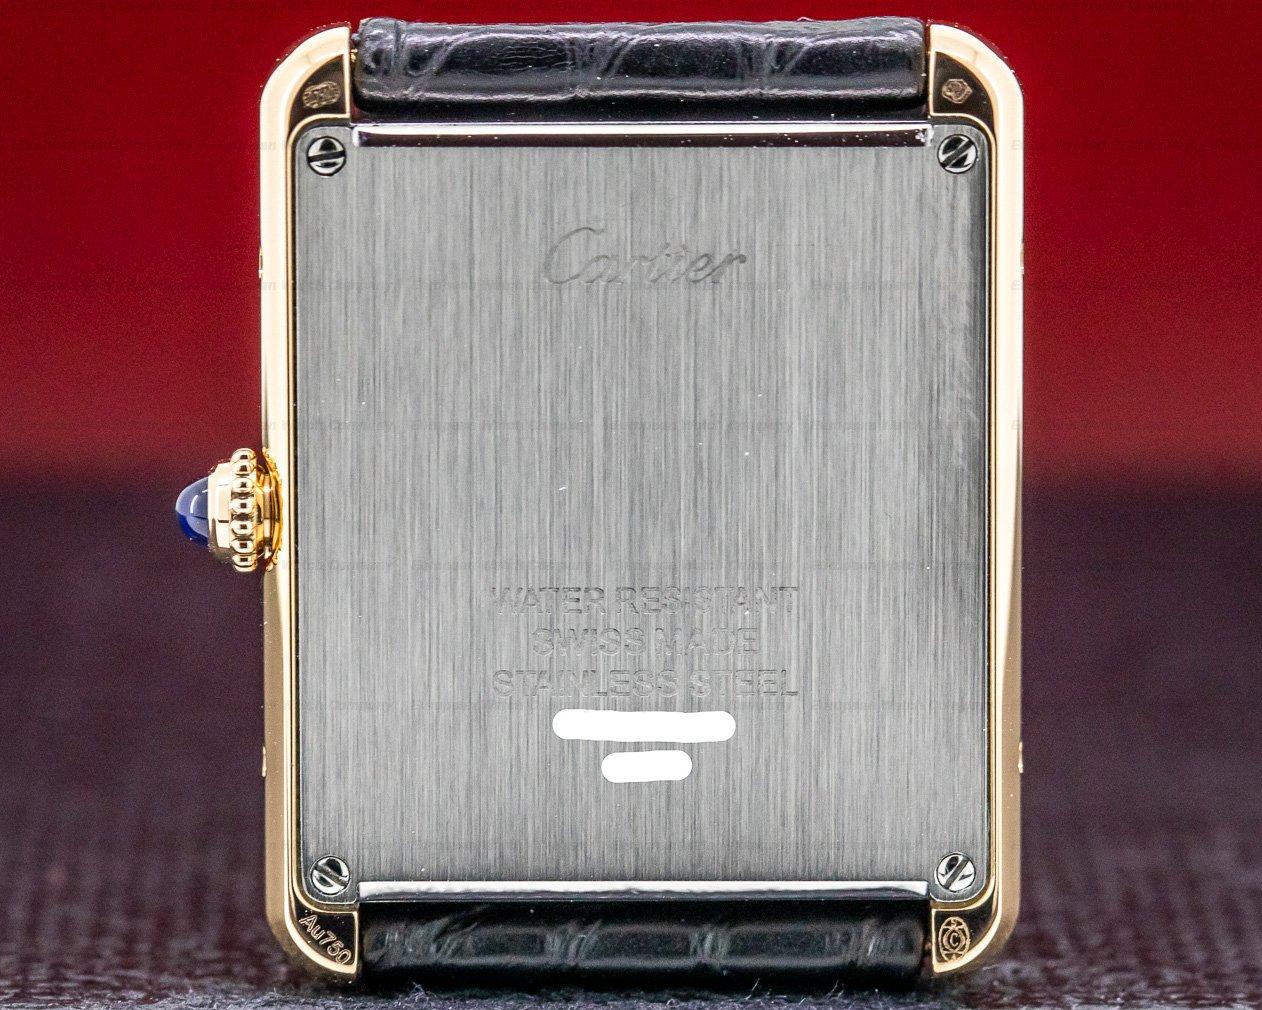 Cartier W5200025 Tank Solo Large 18K Rose Gold/ SS Quartz